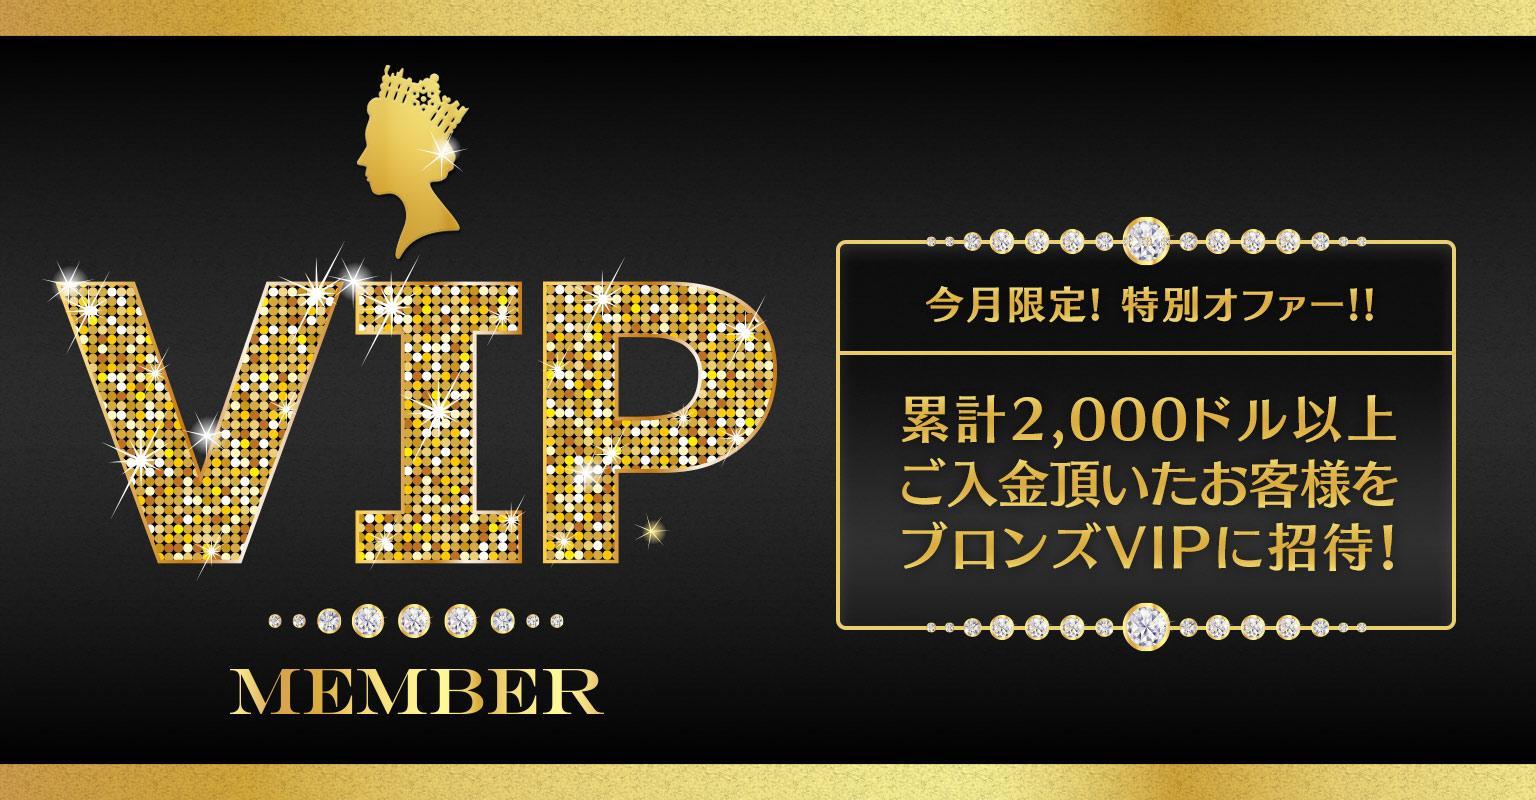 Queen Casino – クイーンカジノ – ブロンズVIP スペシャルオファー